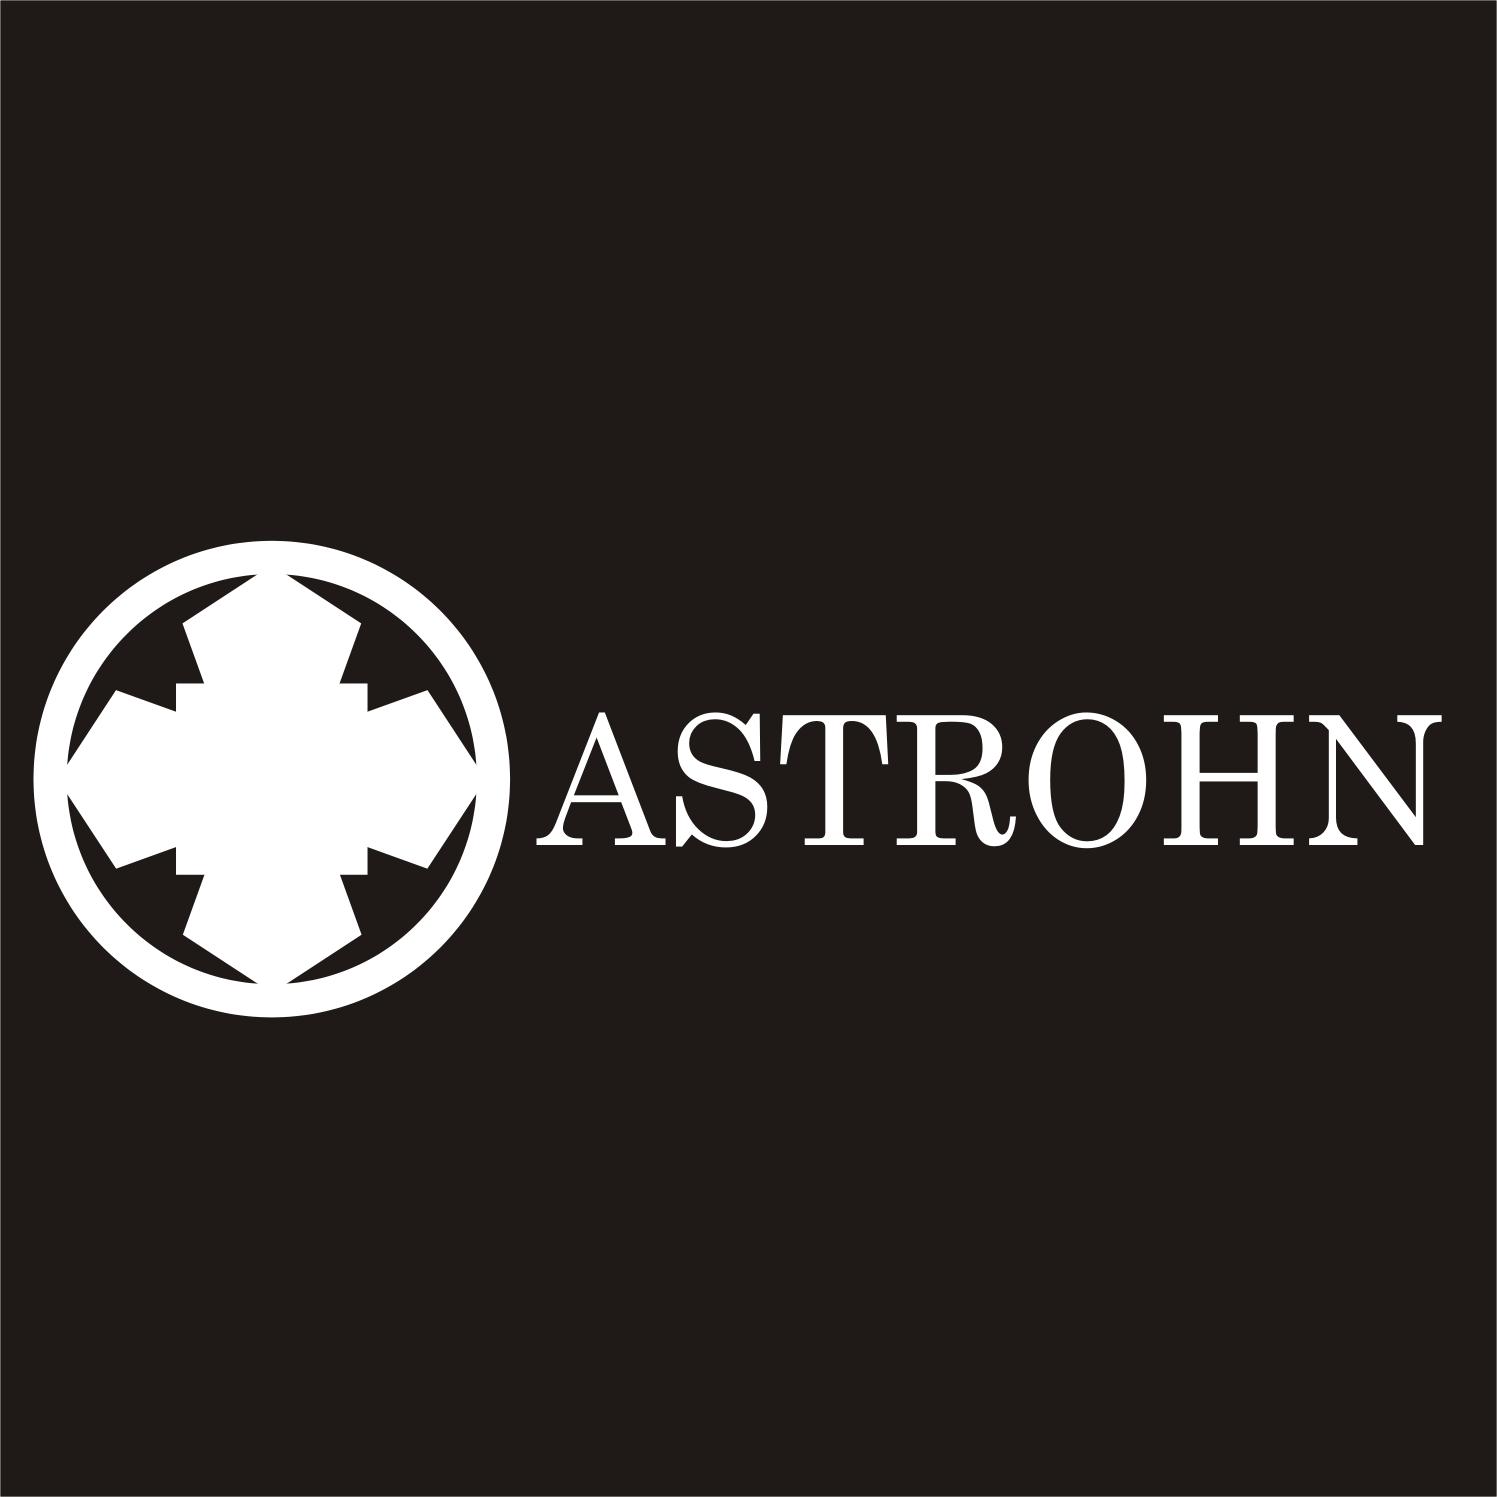 Товарный знак оптоэлектронного предприятия фото f_84653fb1d5d3fb26.png